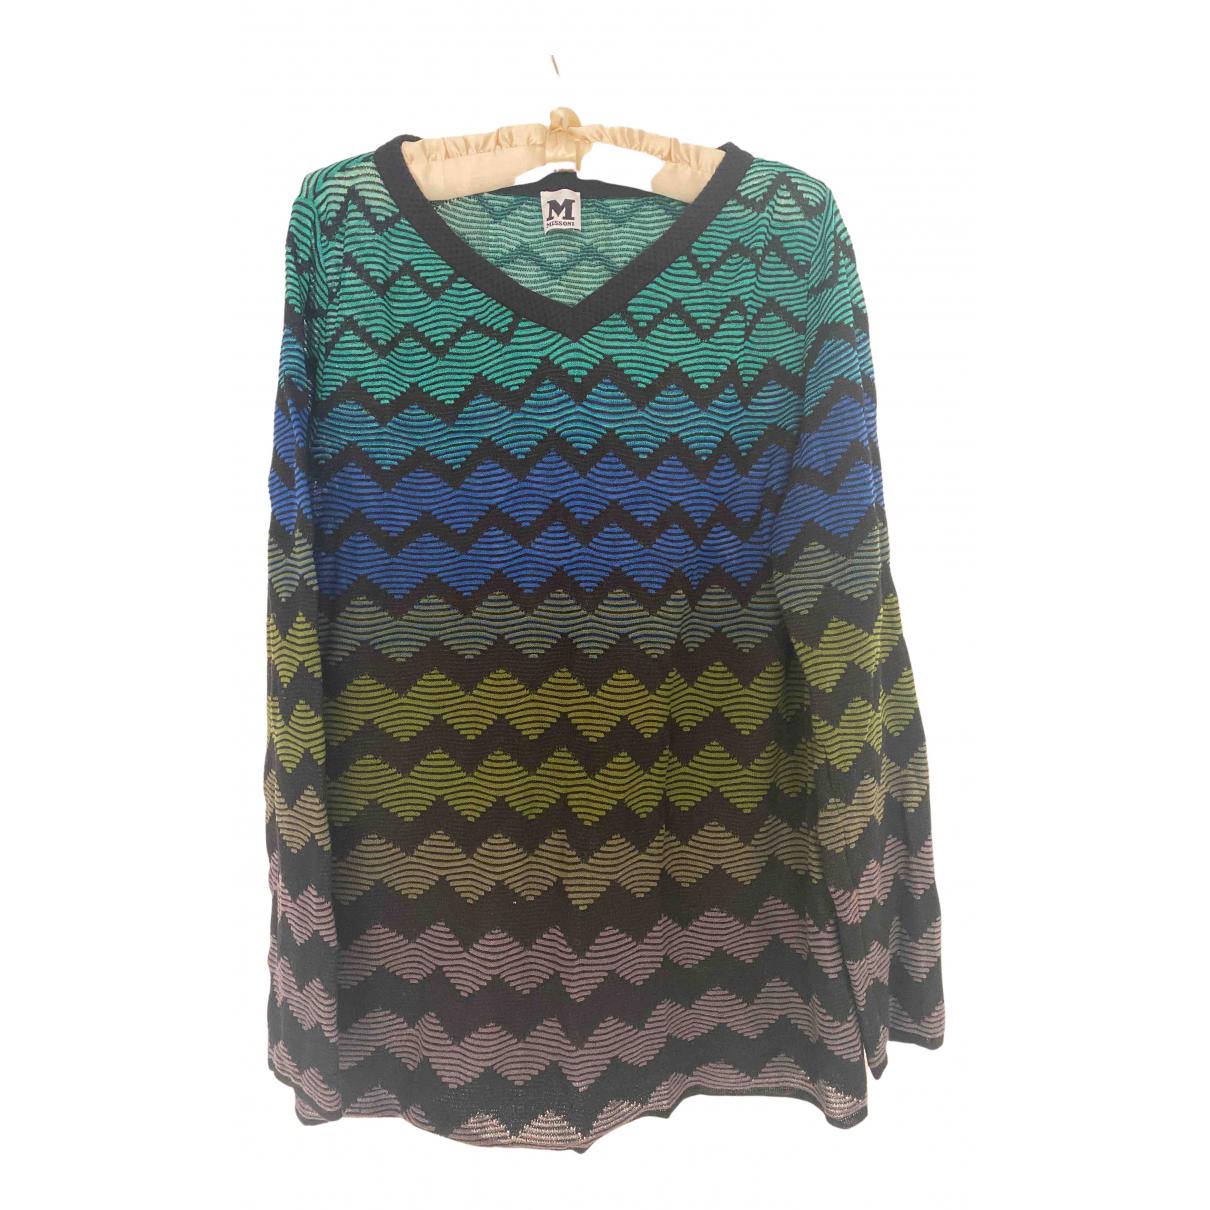 M Missoni - Pull   pour femme en coton - multicolore